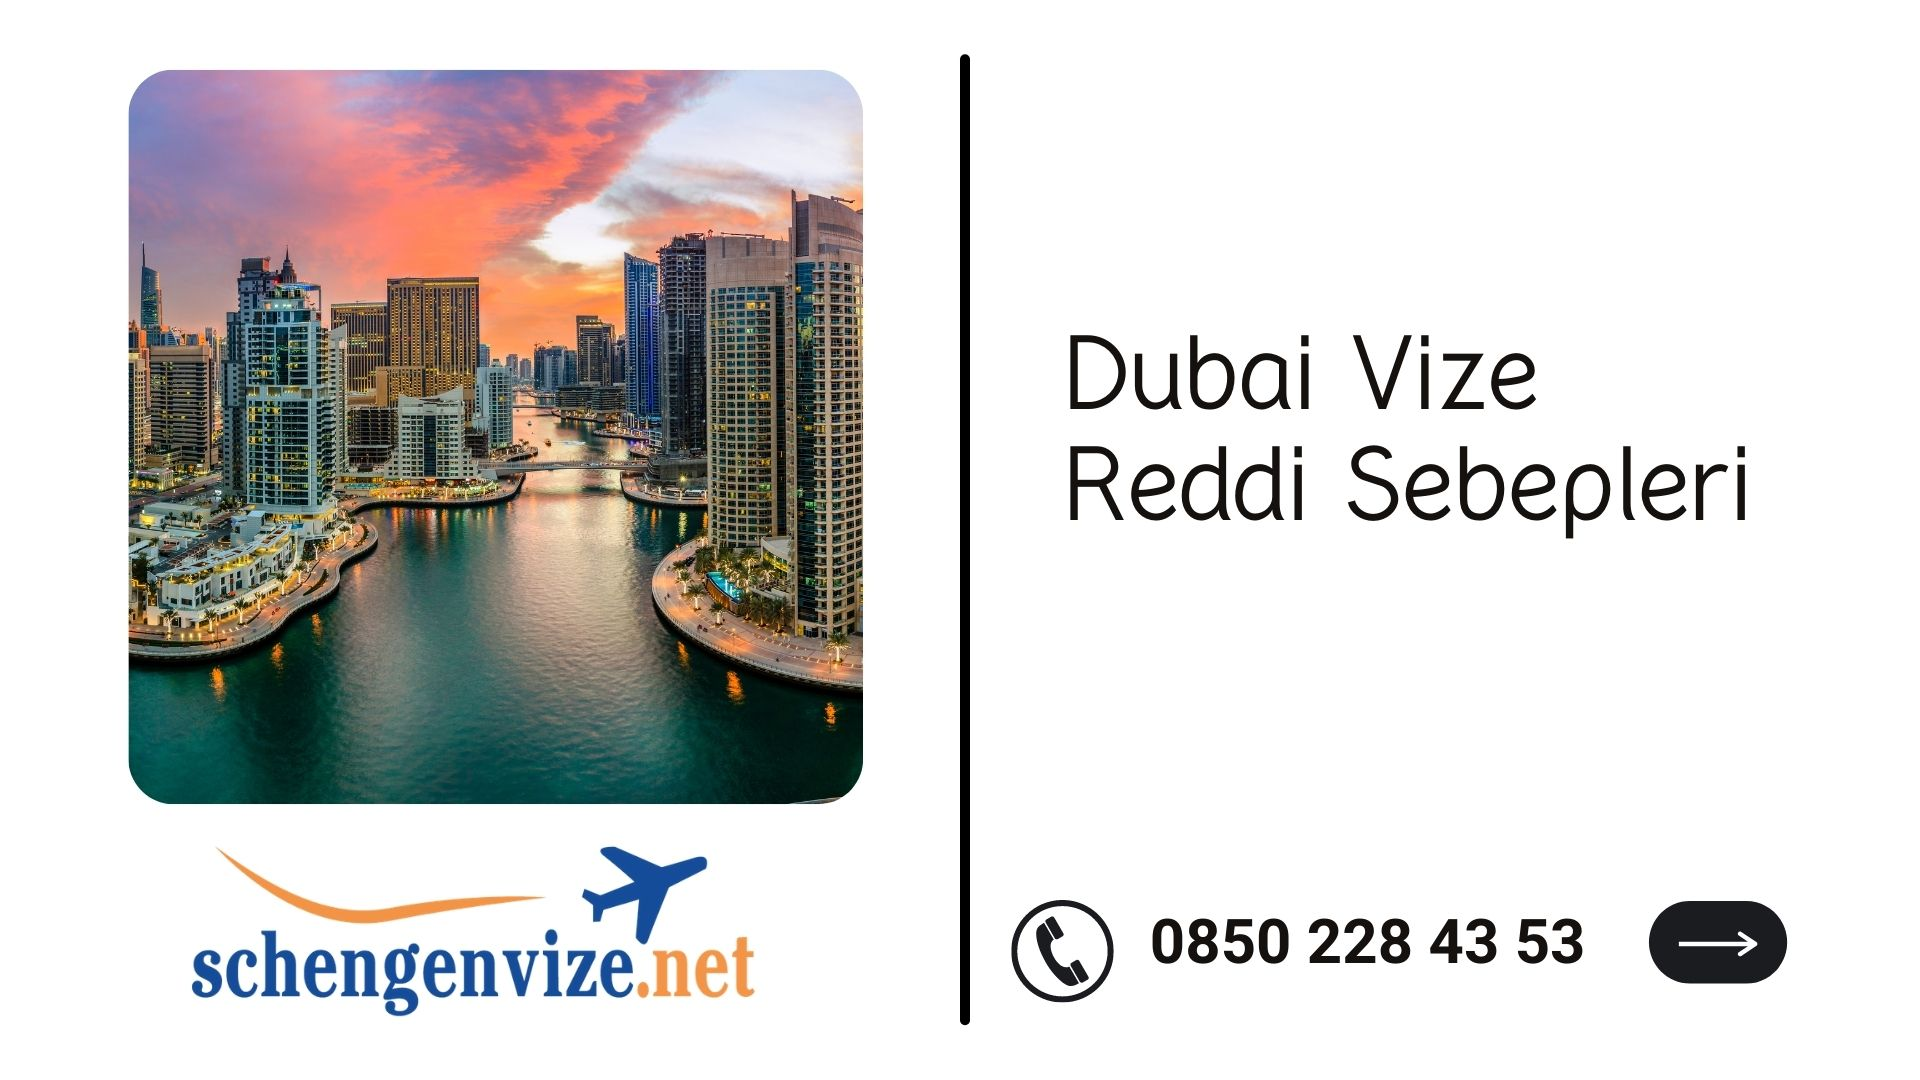 Dubai Vize Reddi Sebepleri